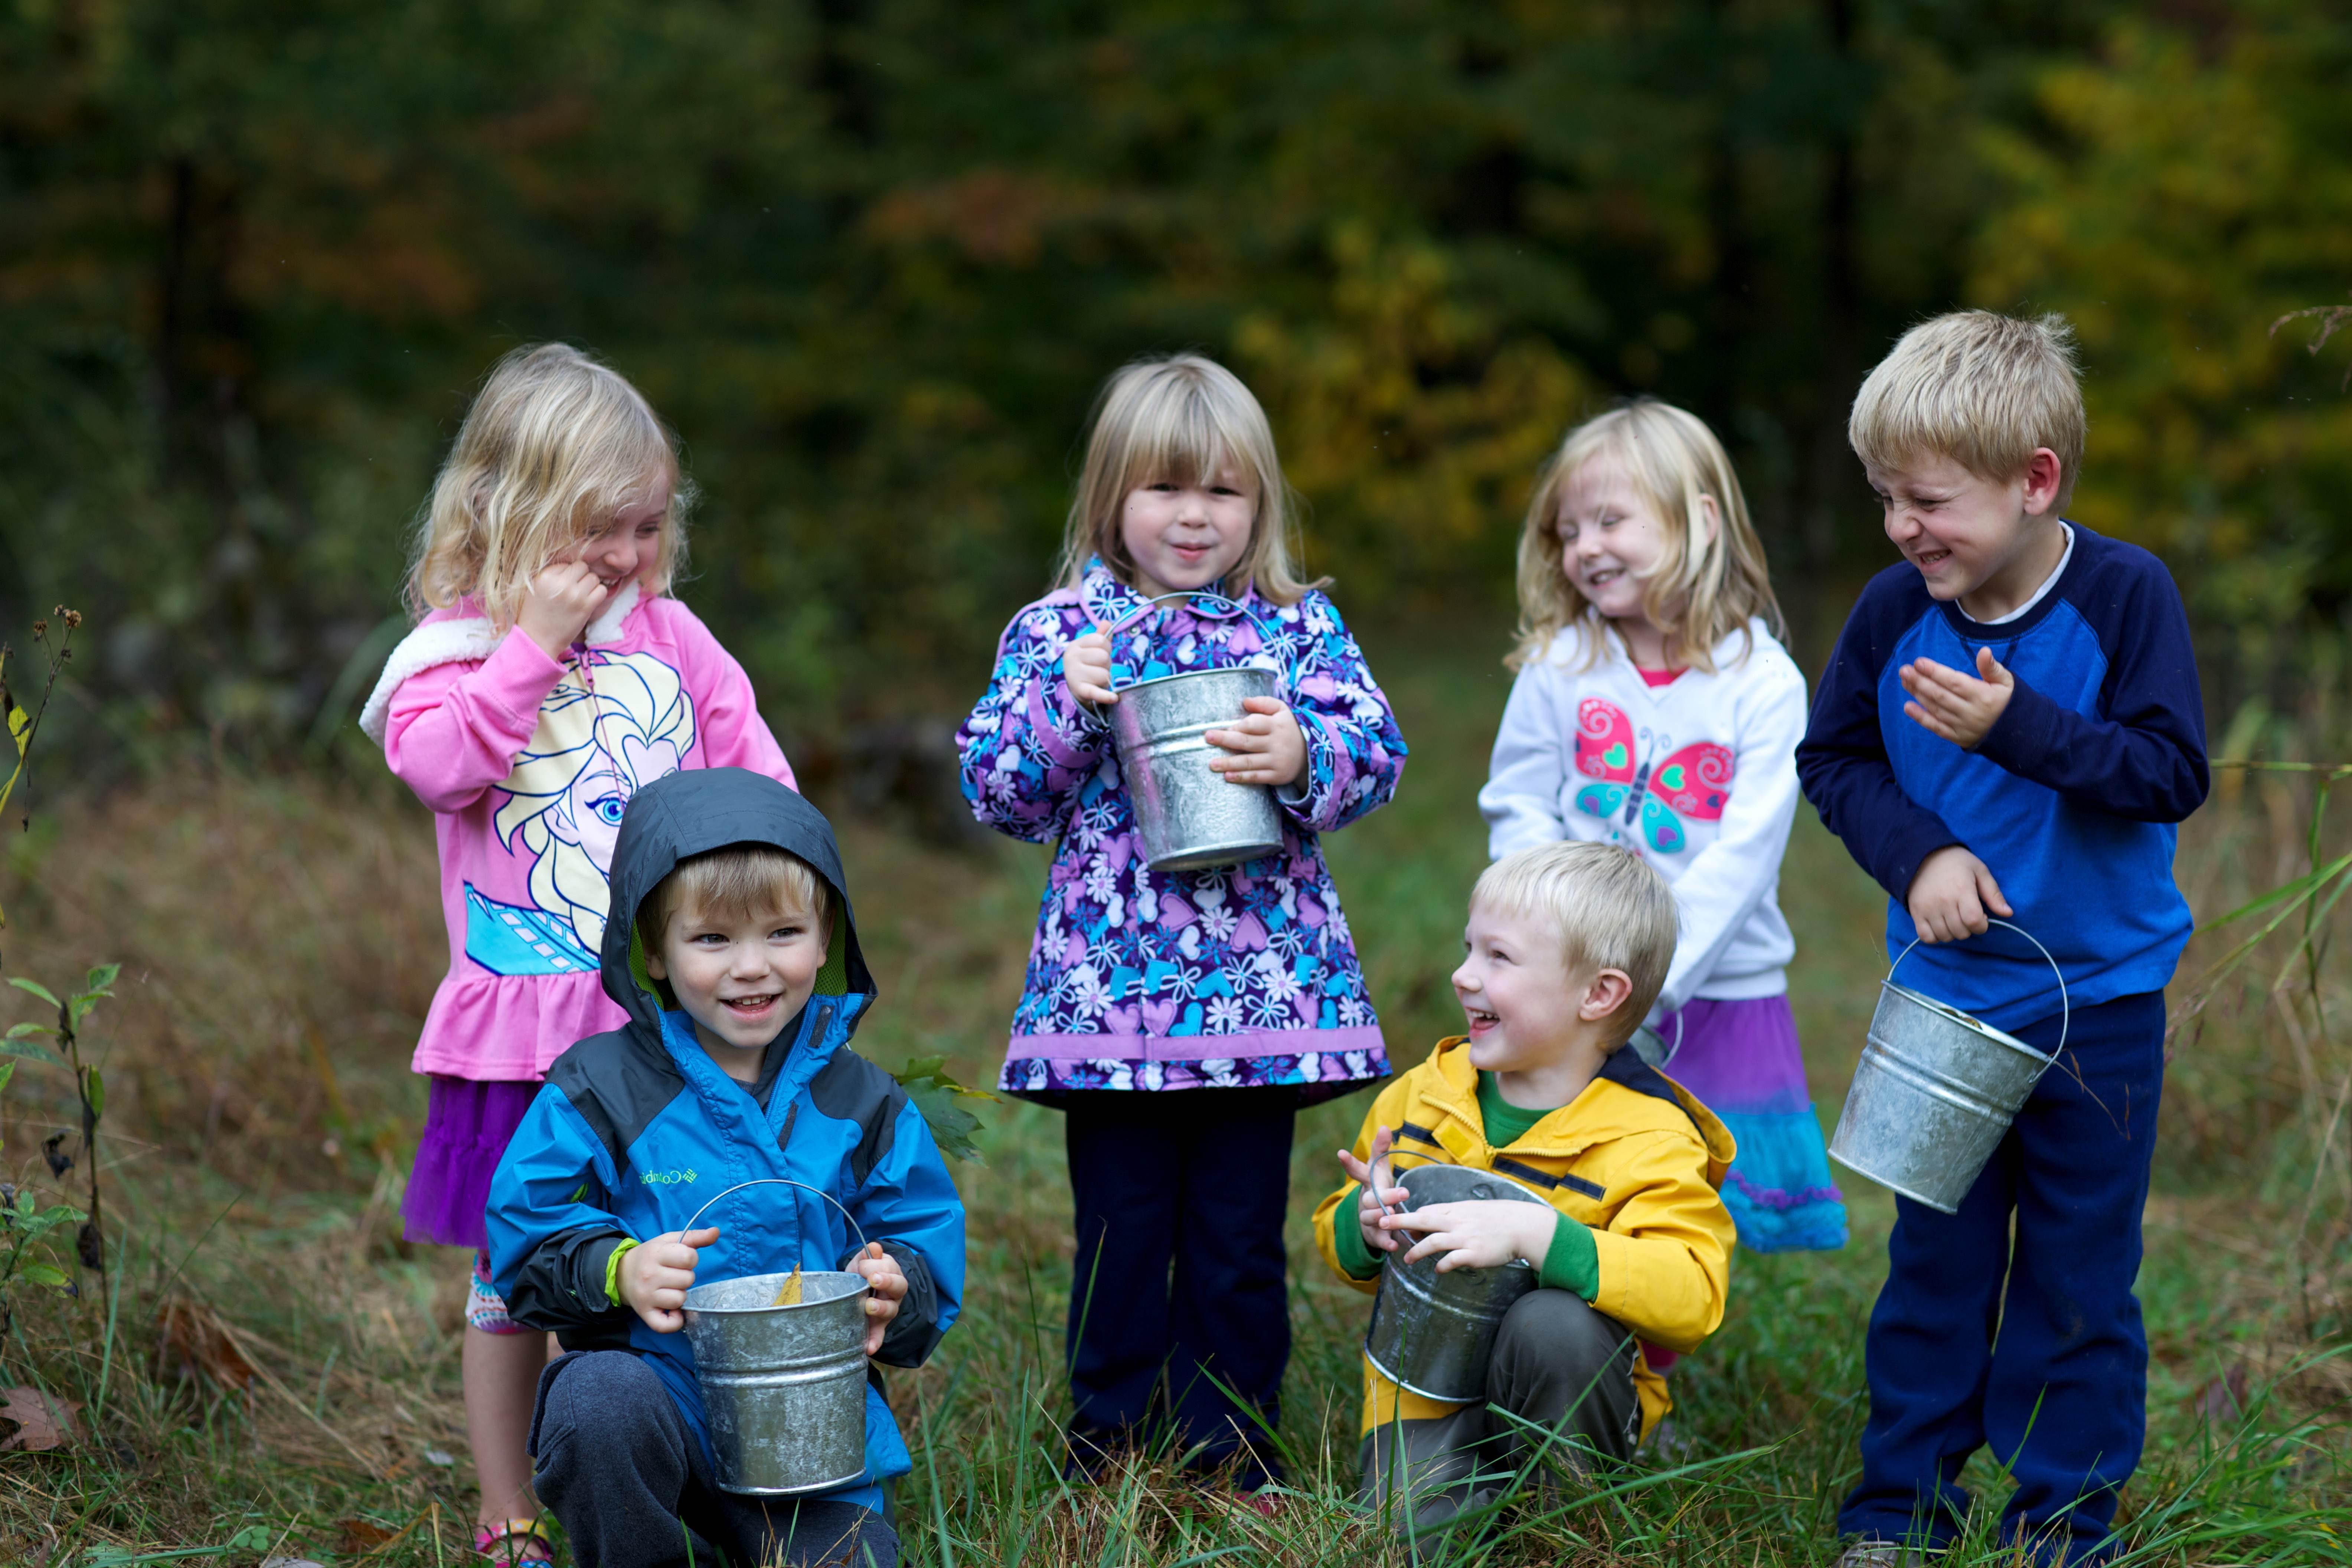 image libre groupe enfants jeunes mignon gar ons filles